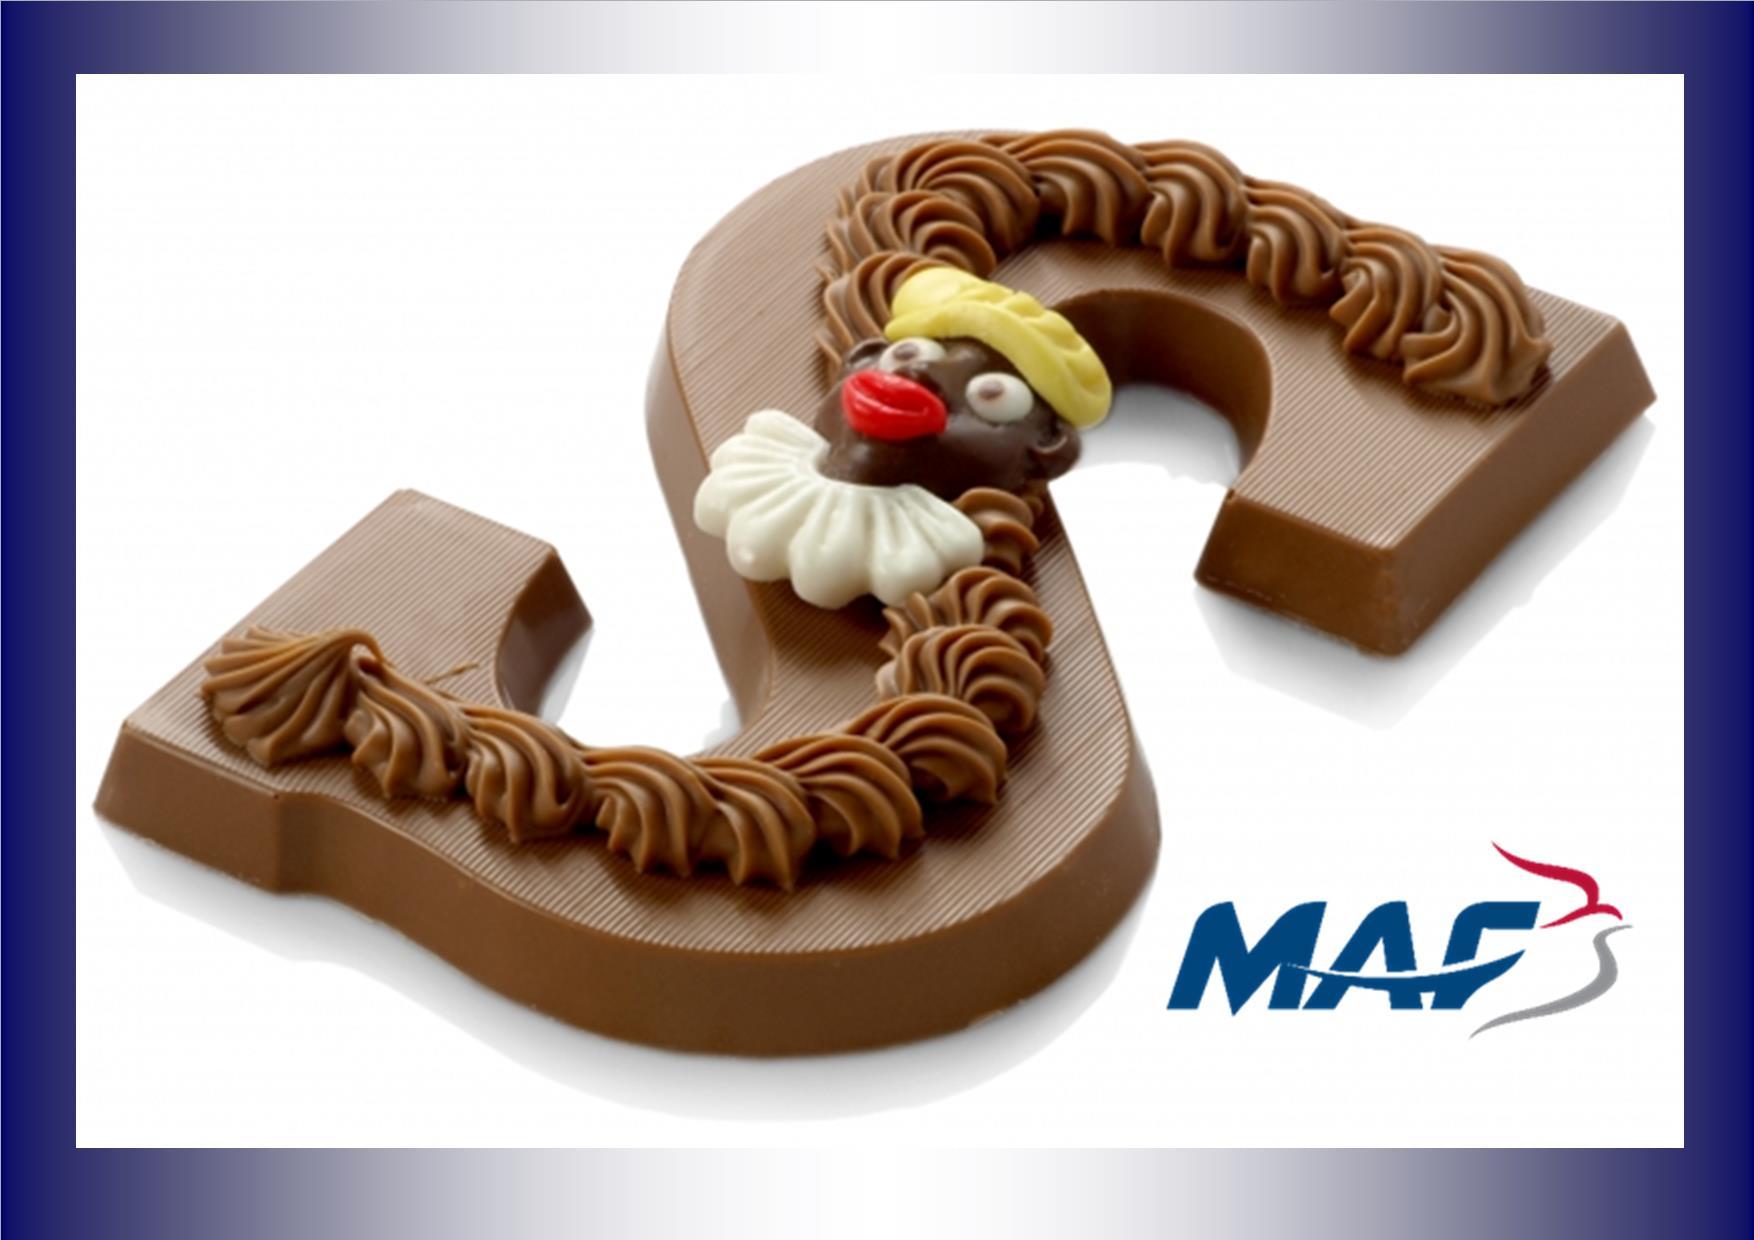 Chocoladeletters en vleesactie